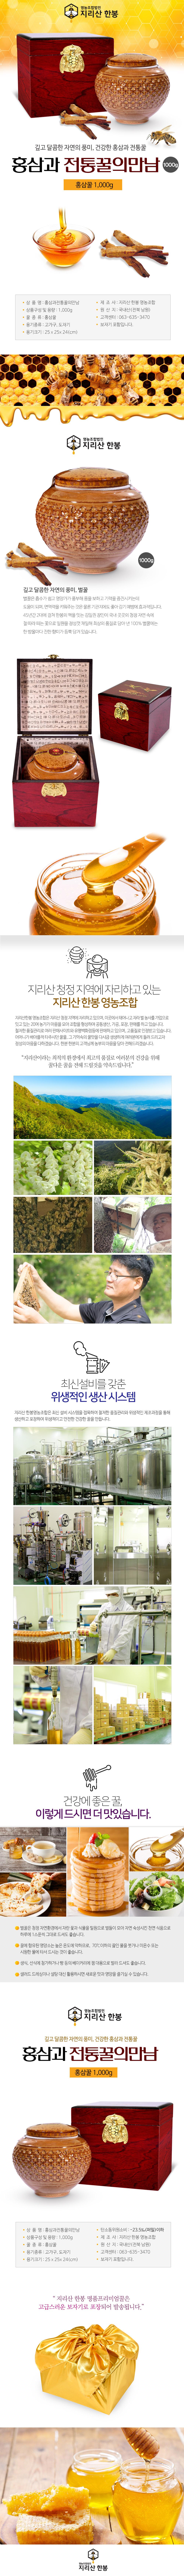 홍삼과 전통꿀의 만남 상품설명